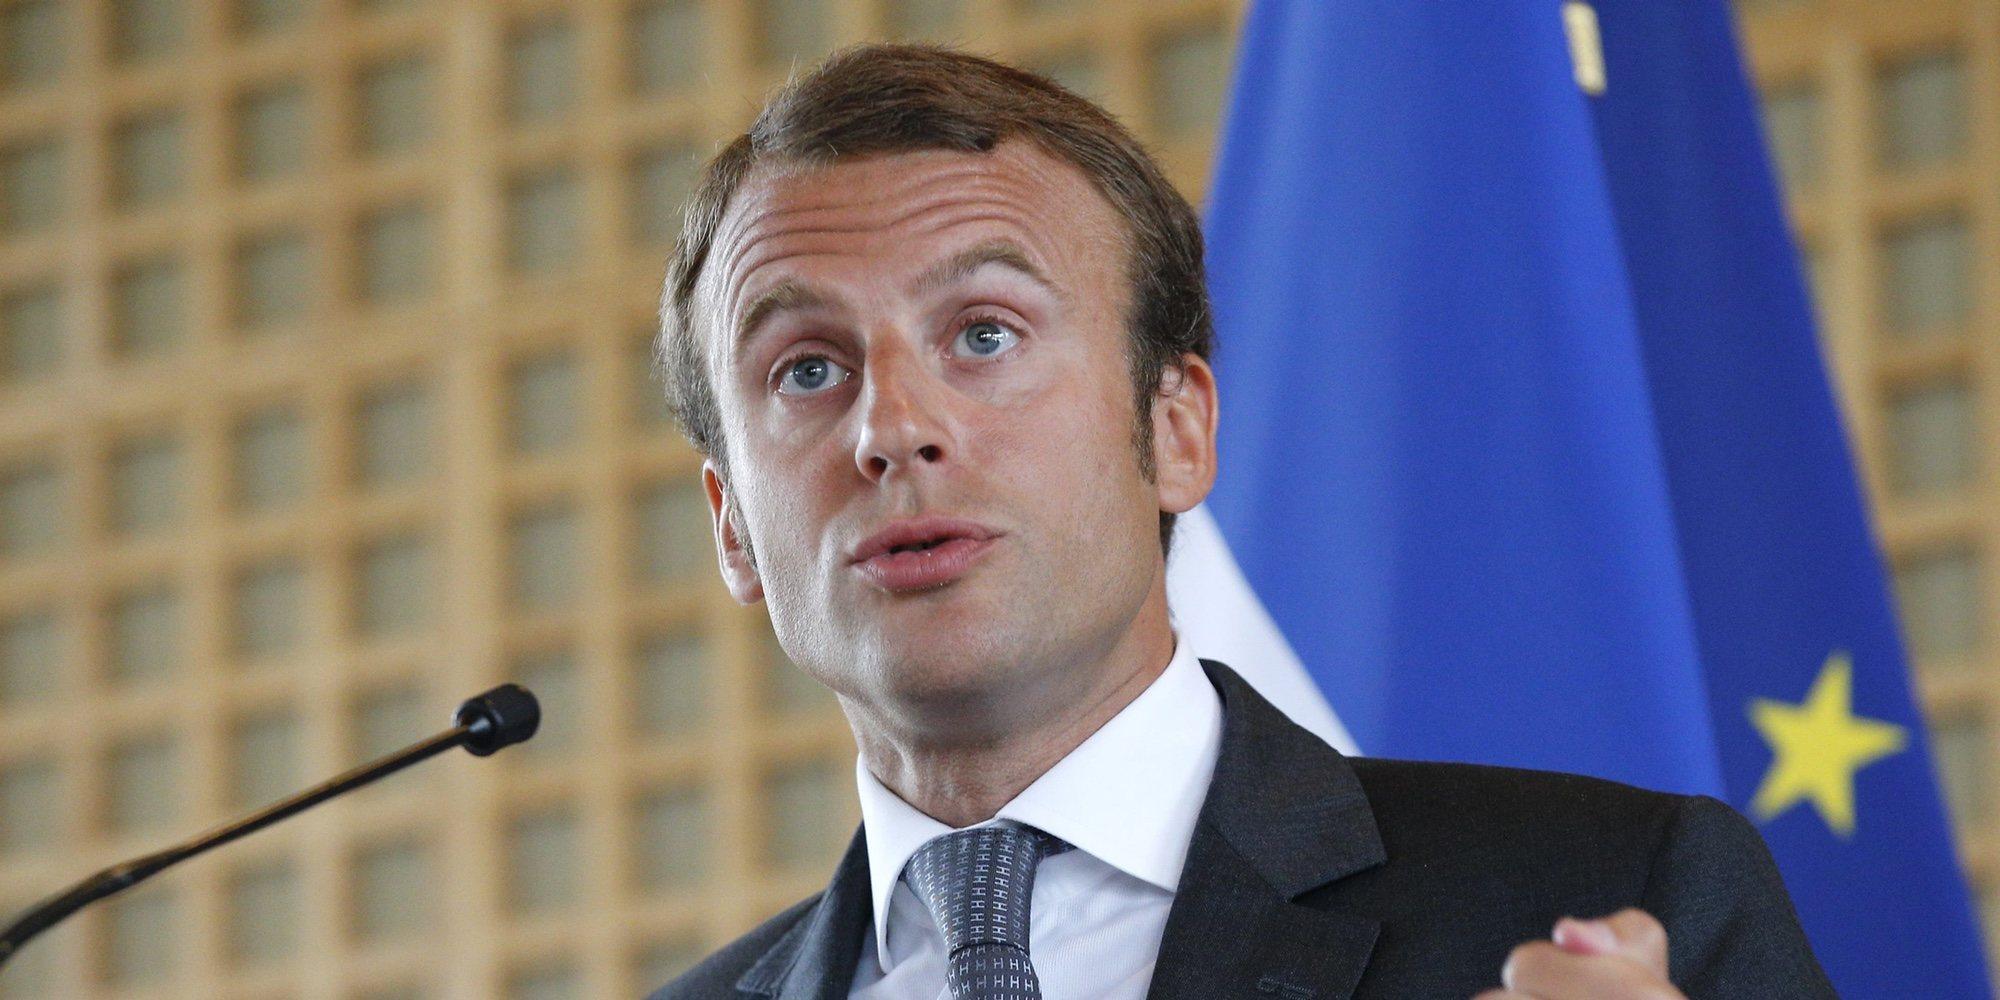 El Presidente de Francia Emmanuel Macron, positivo en coronavirus